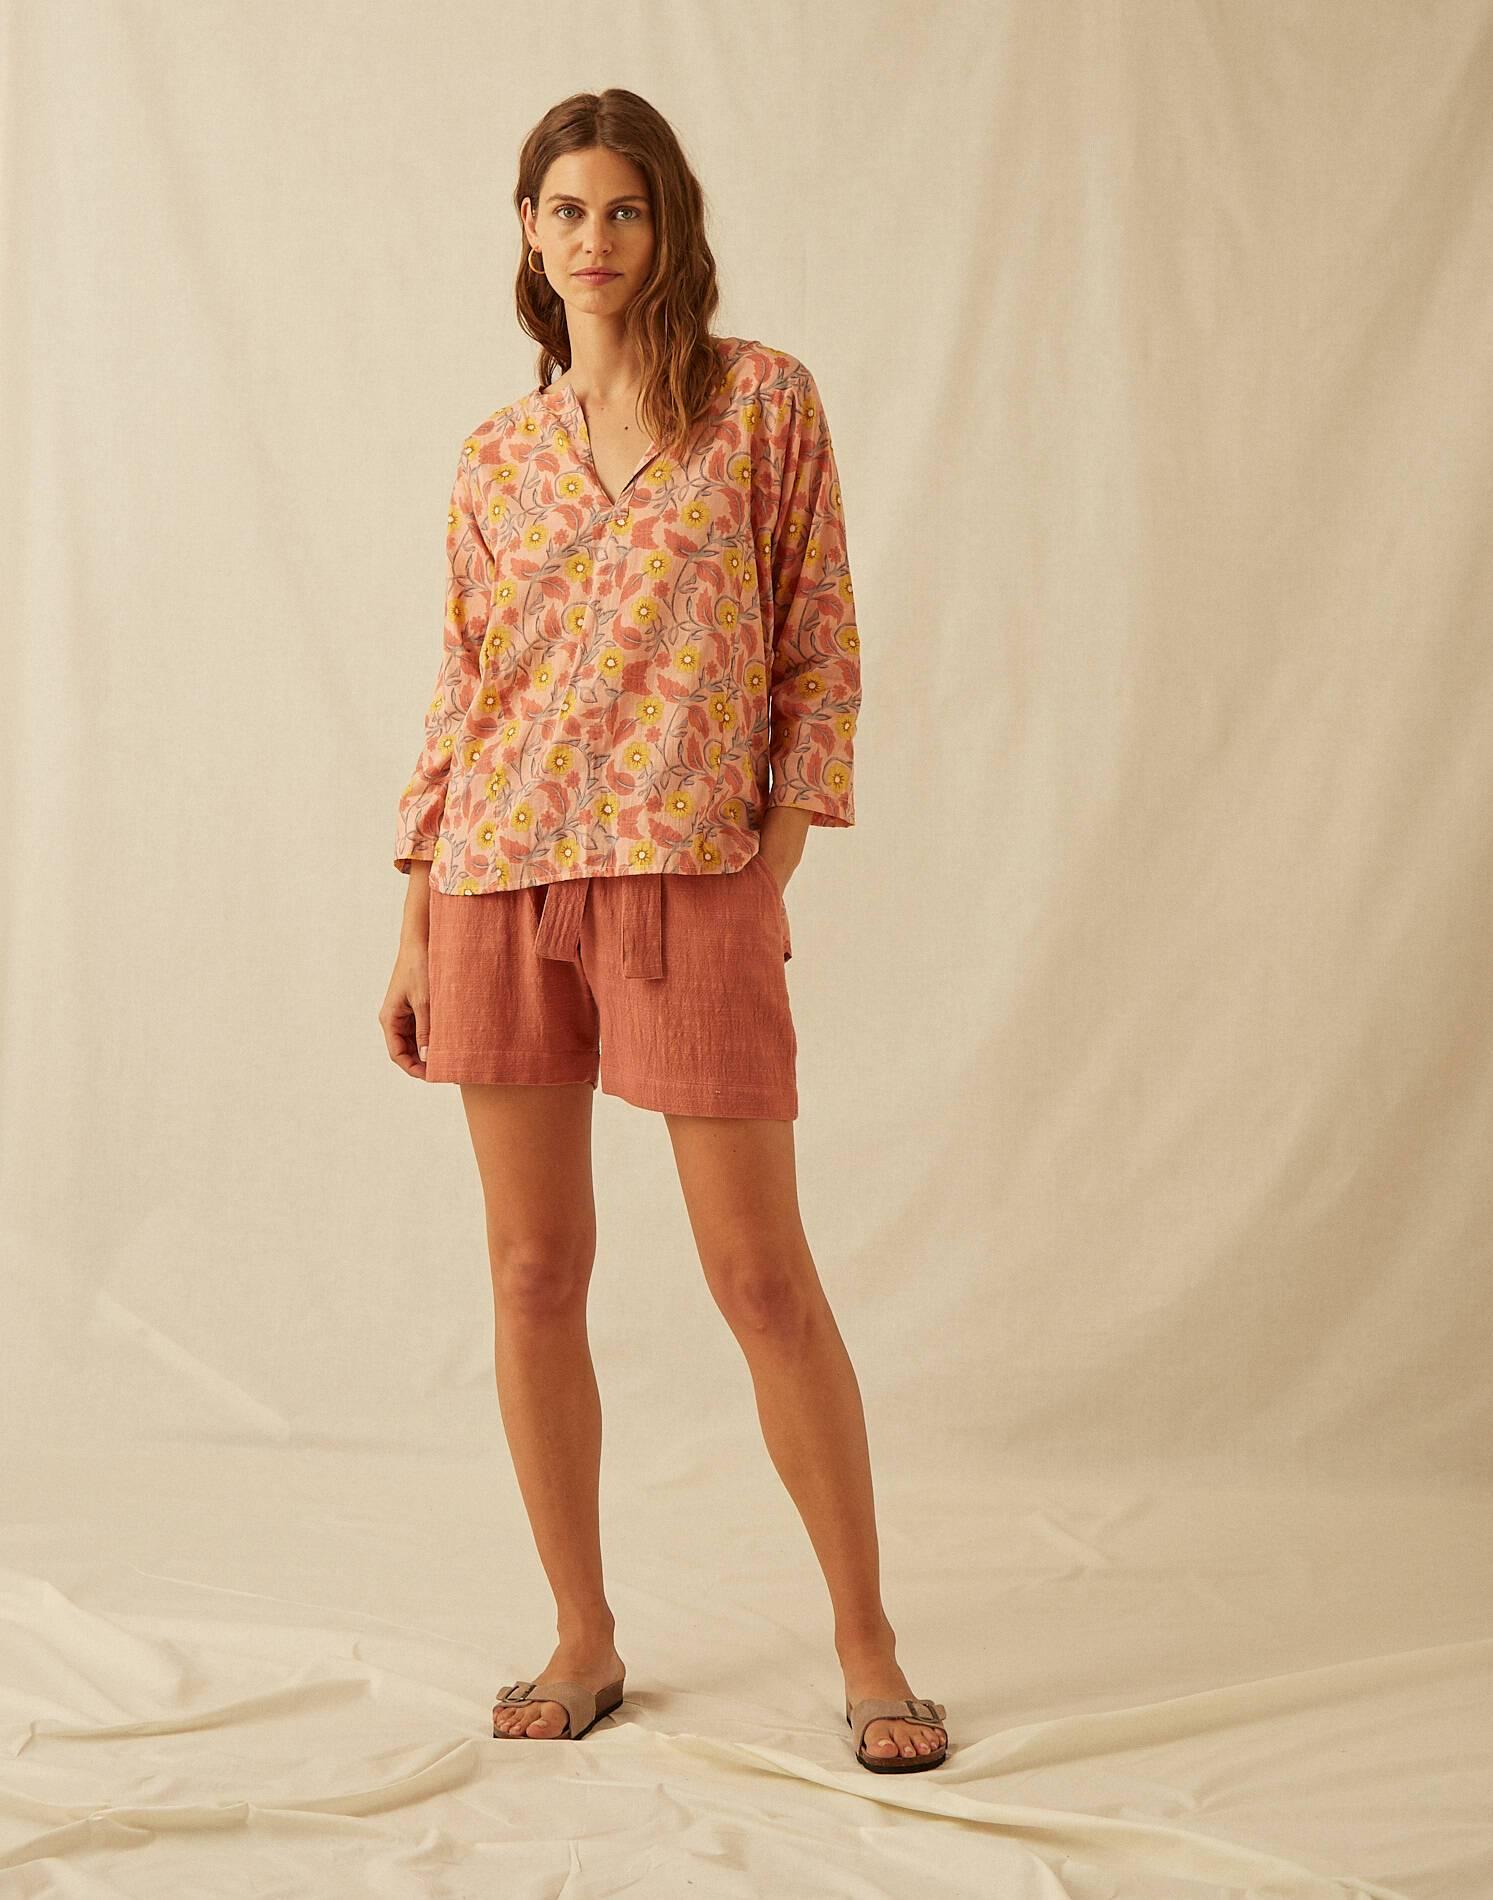 Indi cotton blouse